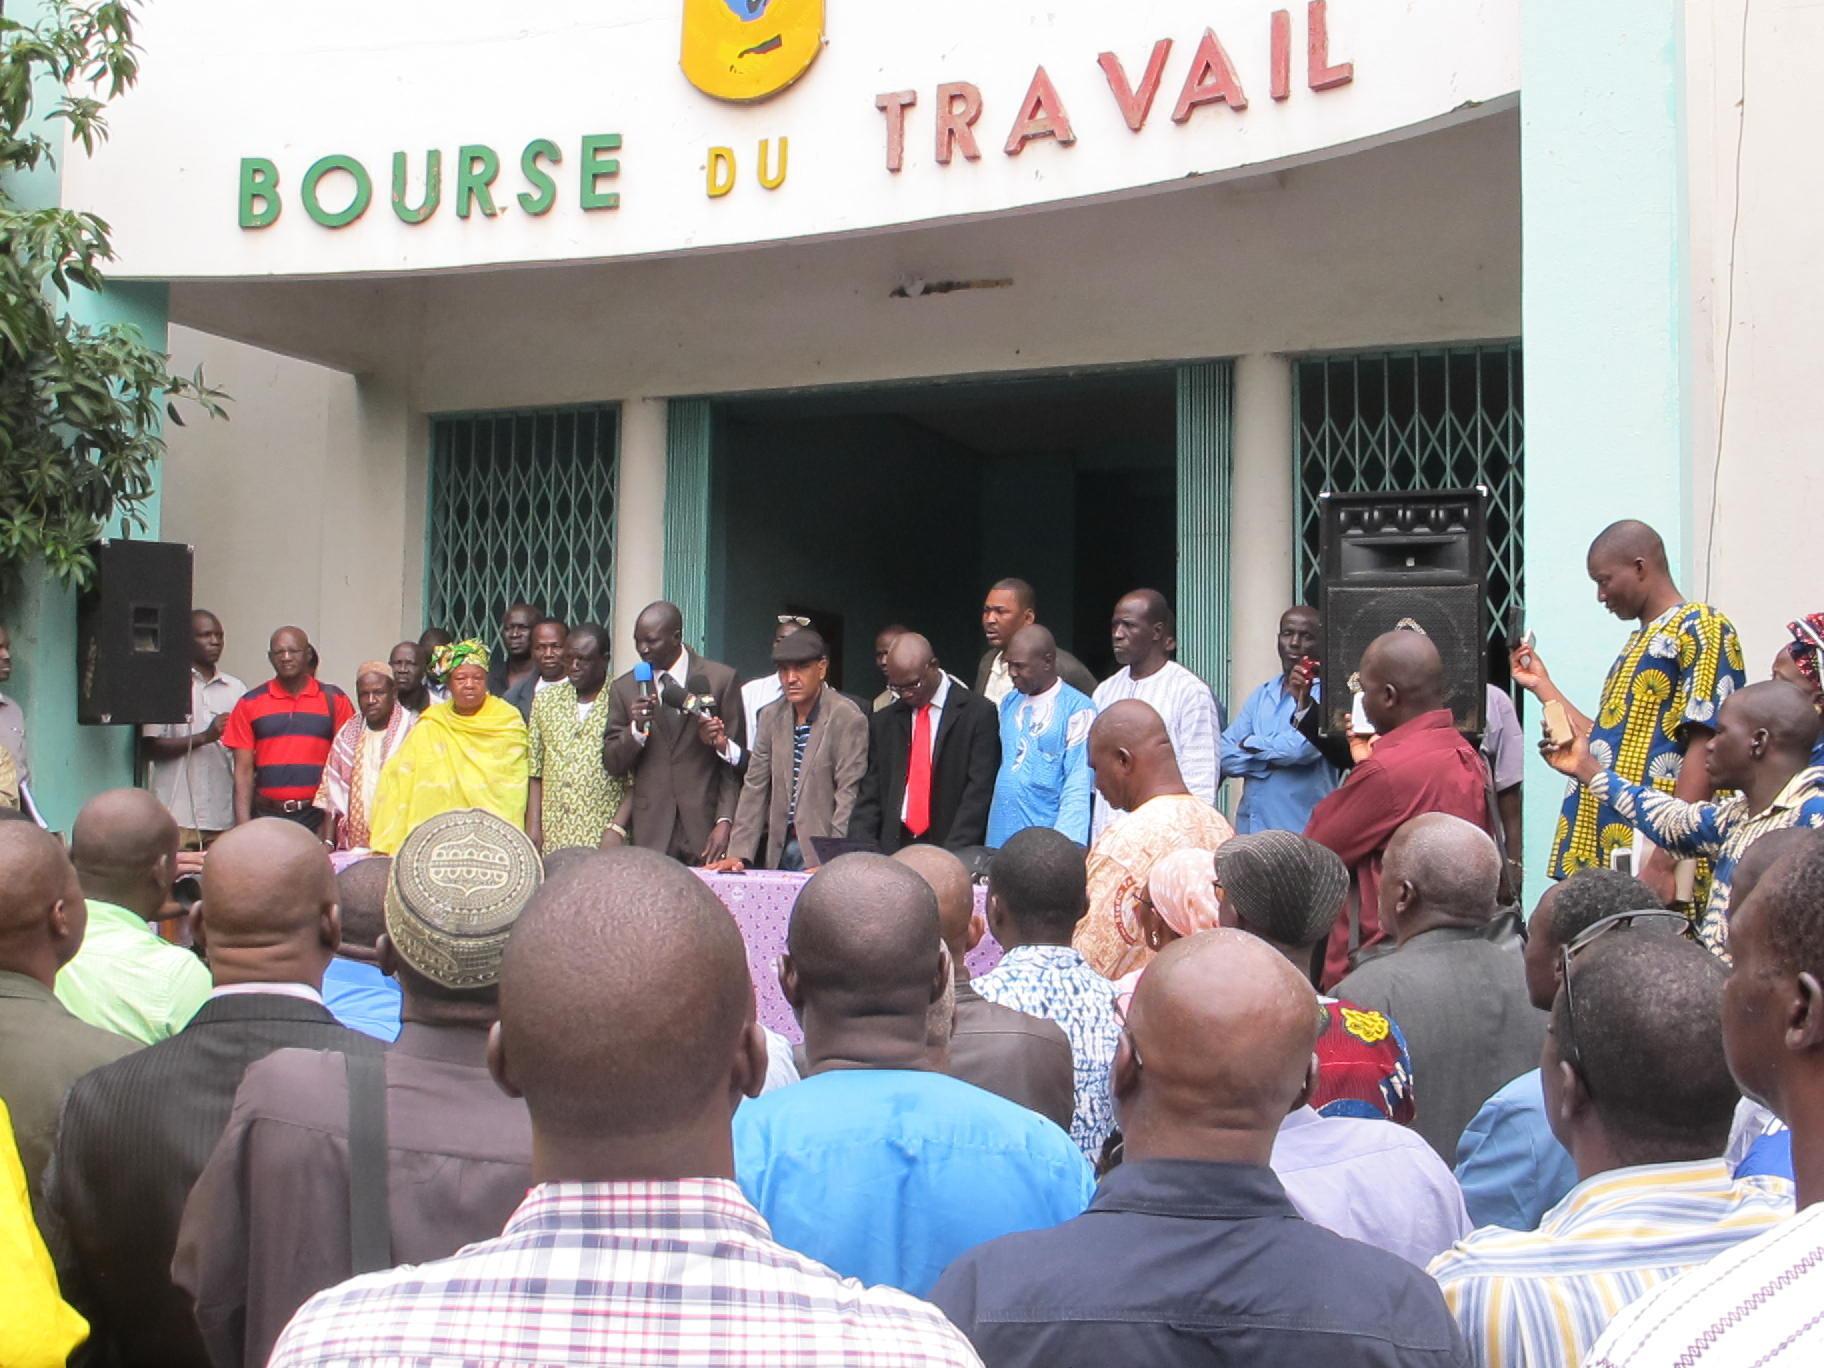 La centrale syndicat UNTM appelle à une grève générale au Mali jeudi 21 et vendredi 22 août.